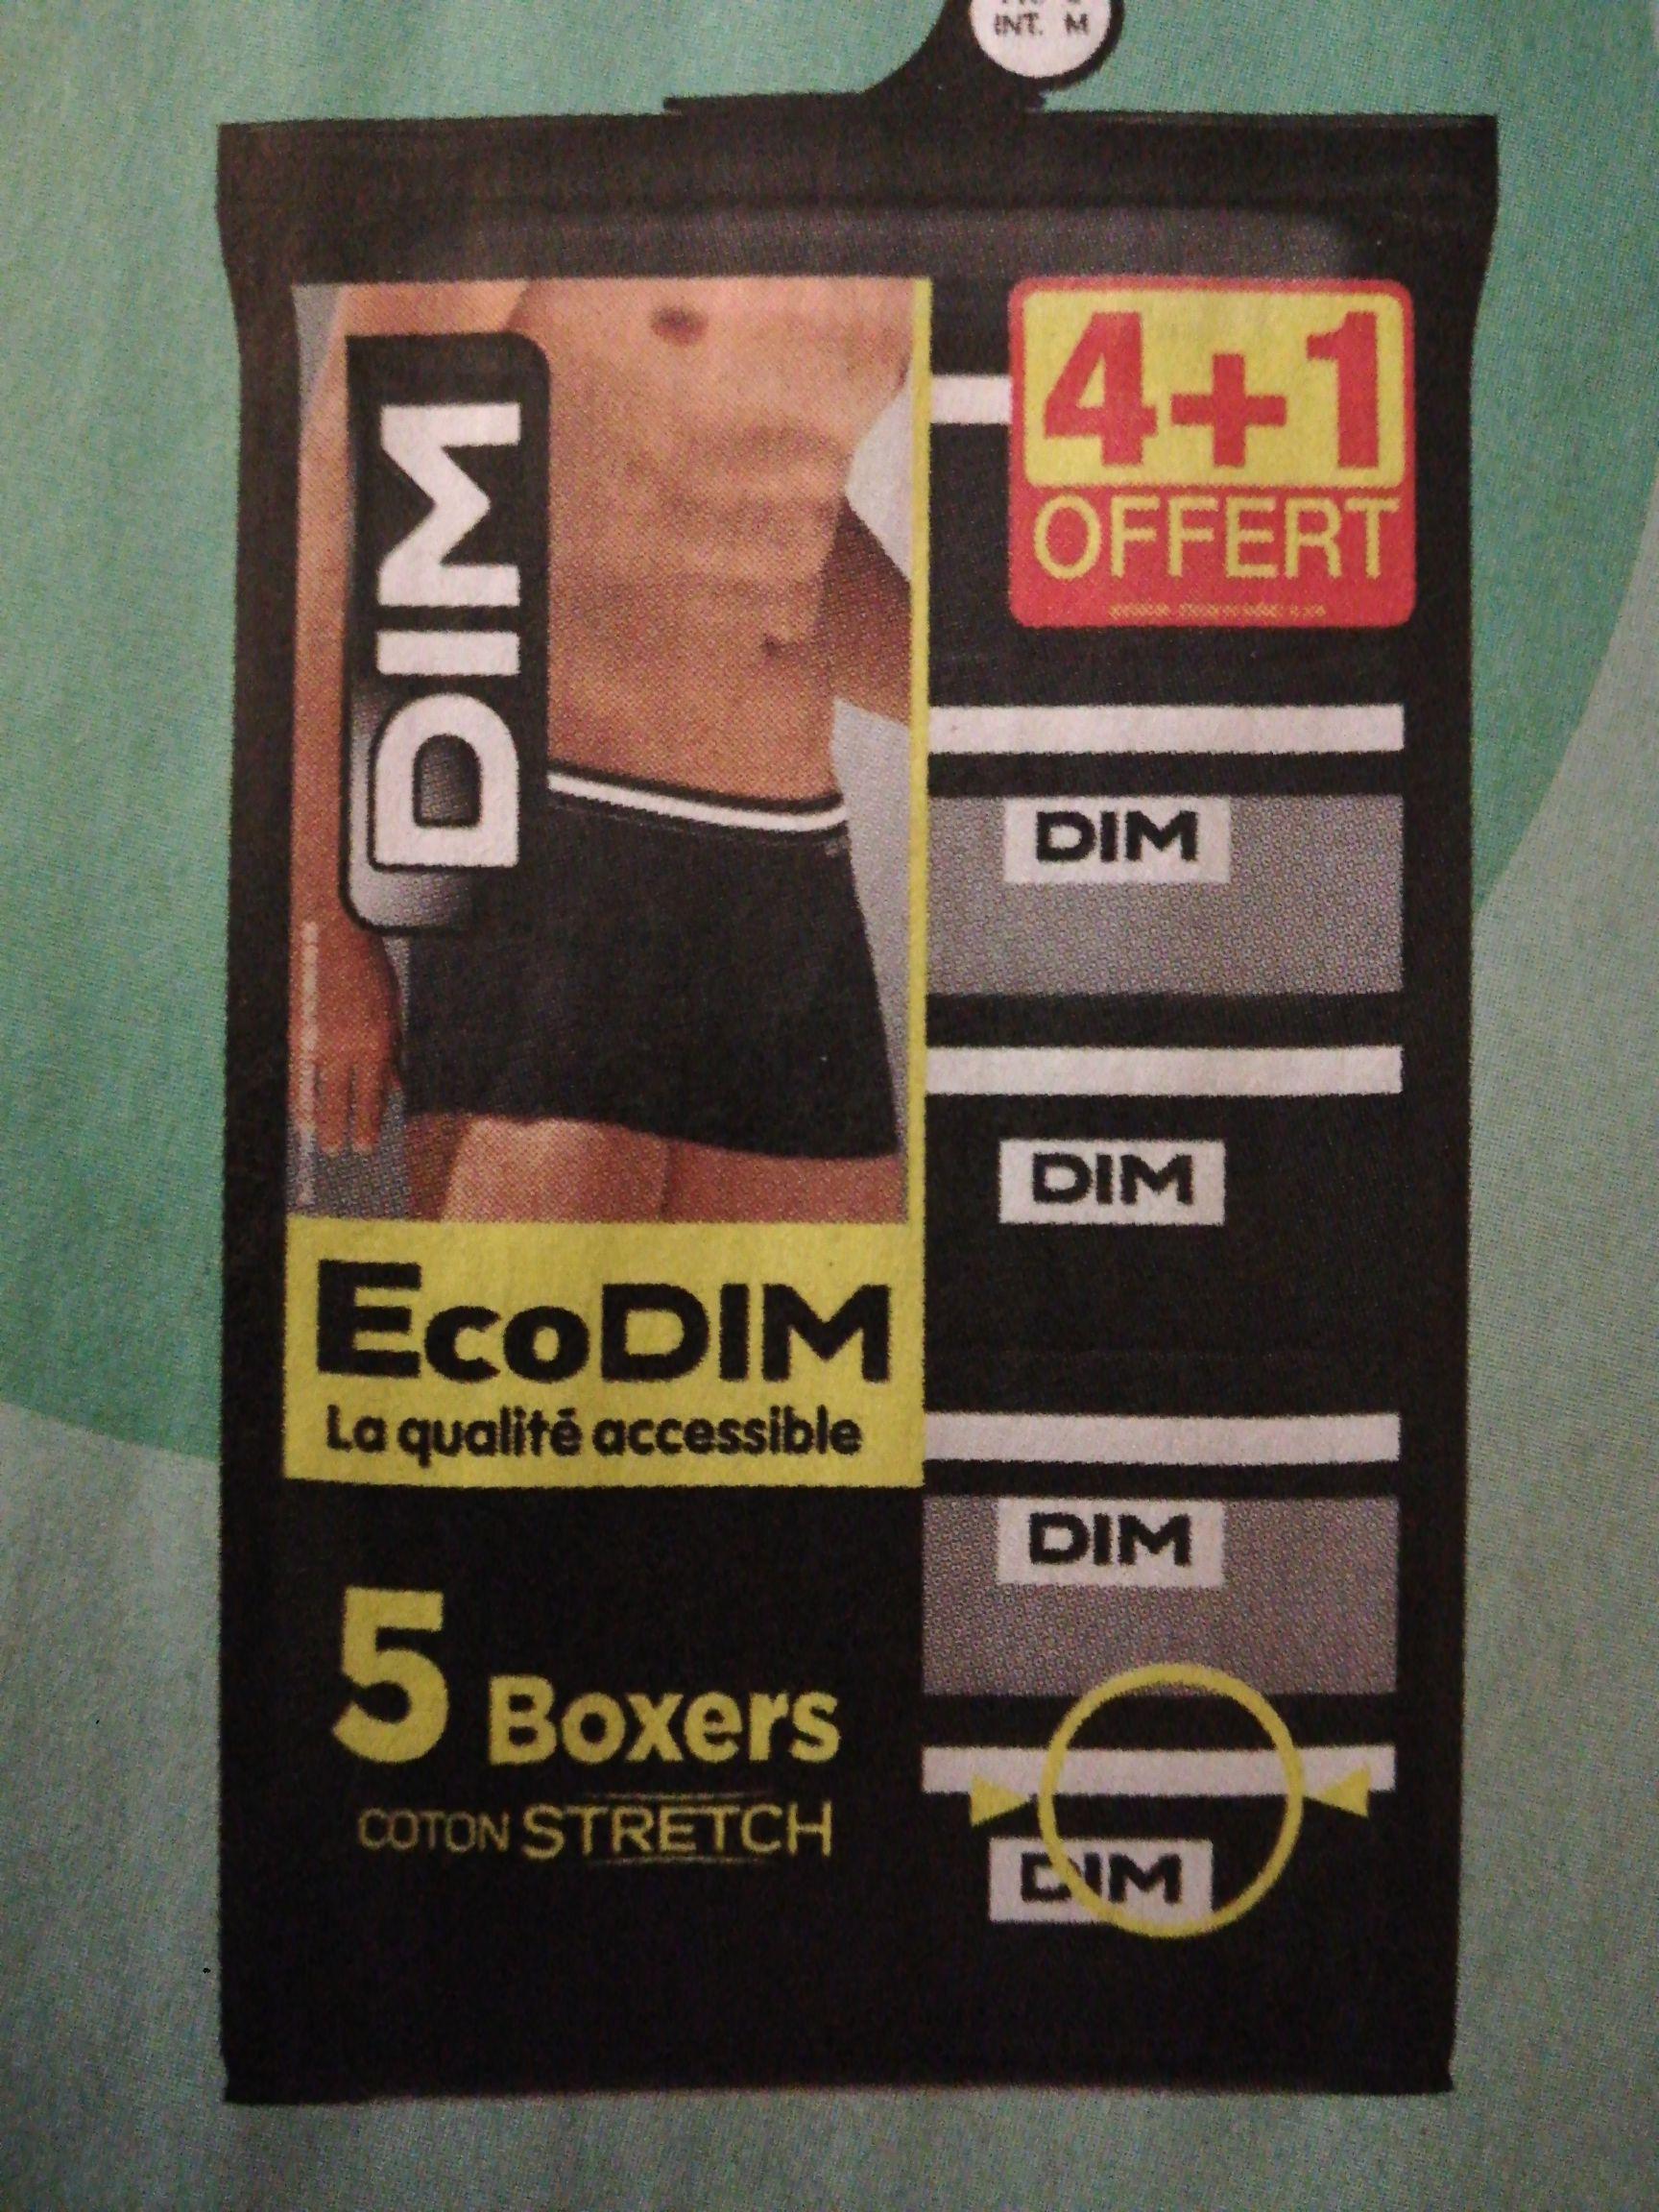 Lot de 5 boxers Dim ecodim (Via 6€ sur la carte fidélité)